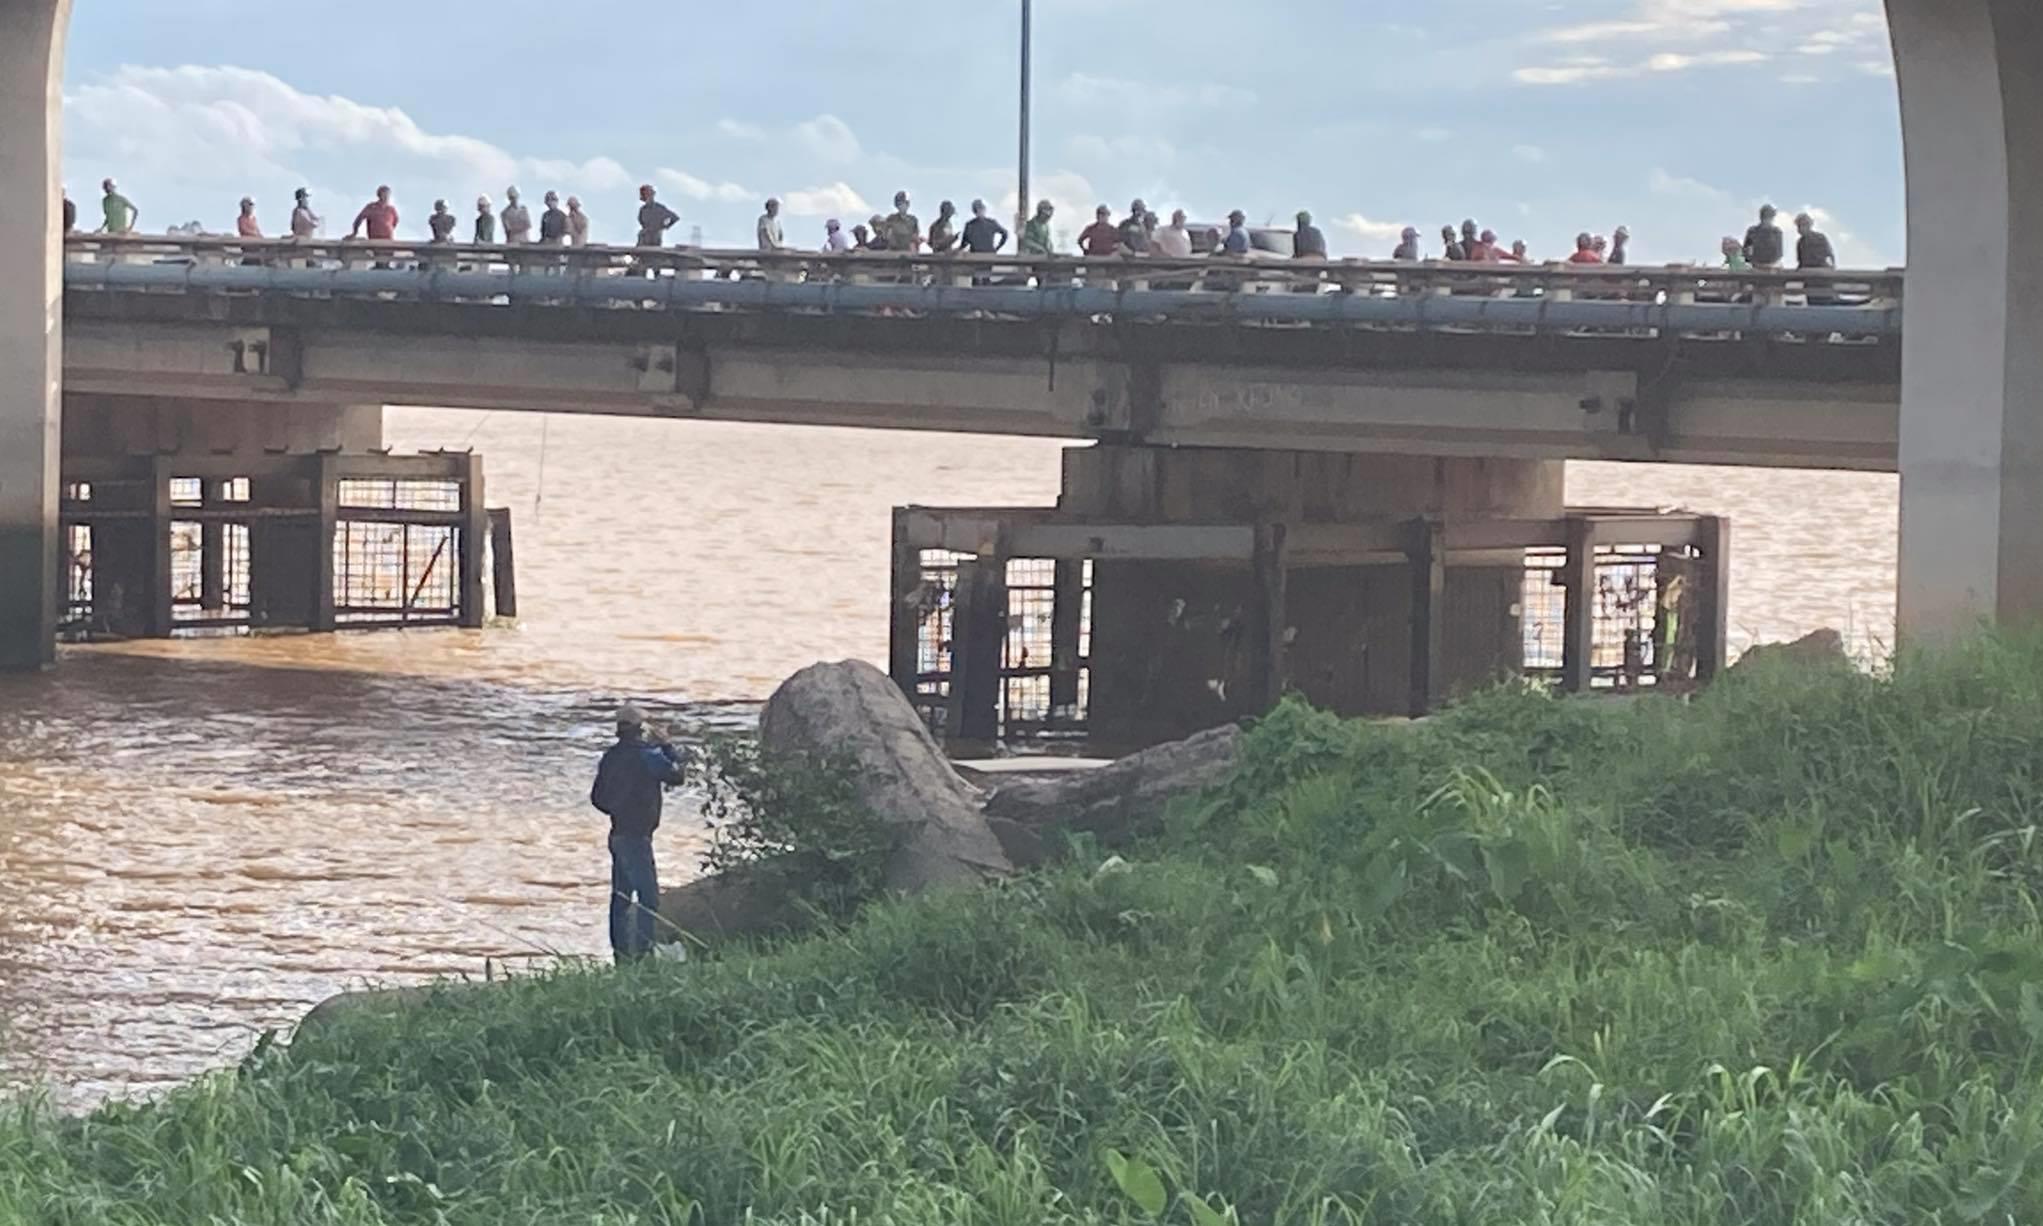 Phát hiện thi thể người đàn ông trên sông Đồng Nai, hàng trăm người hiếu kỳ theo dõi - Ảnh 1